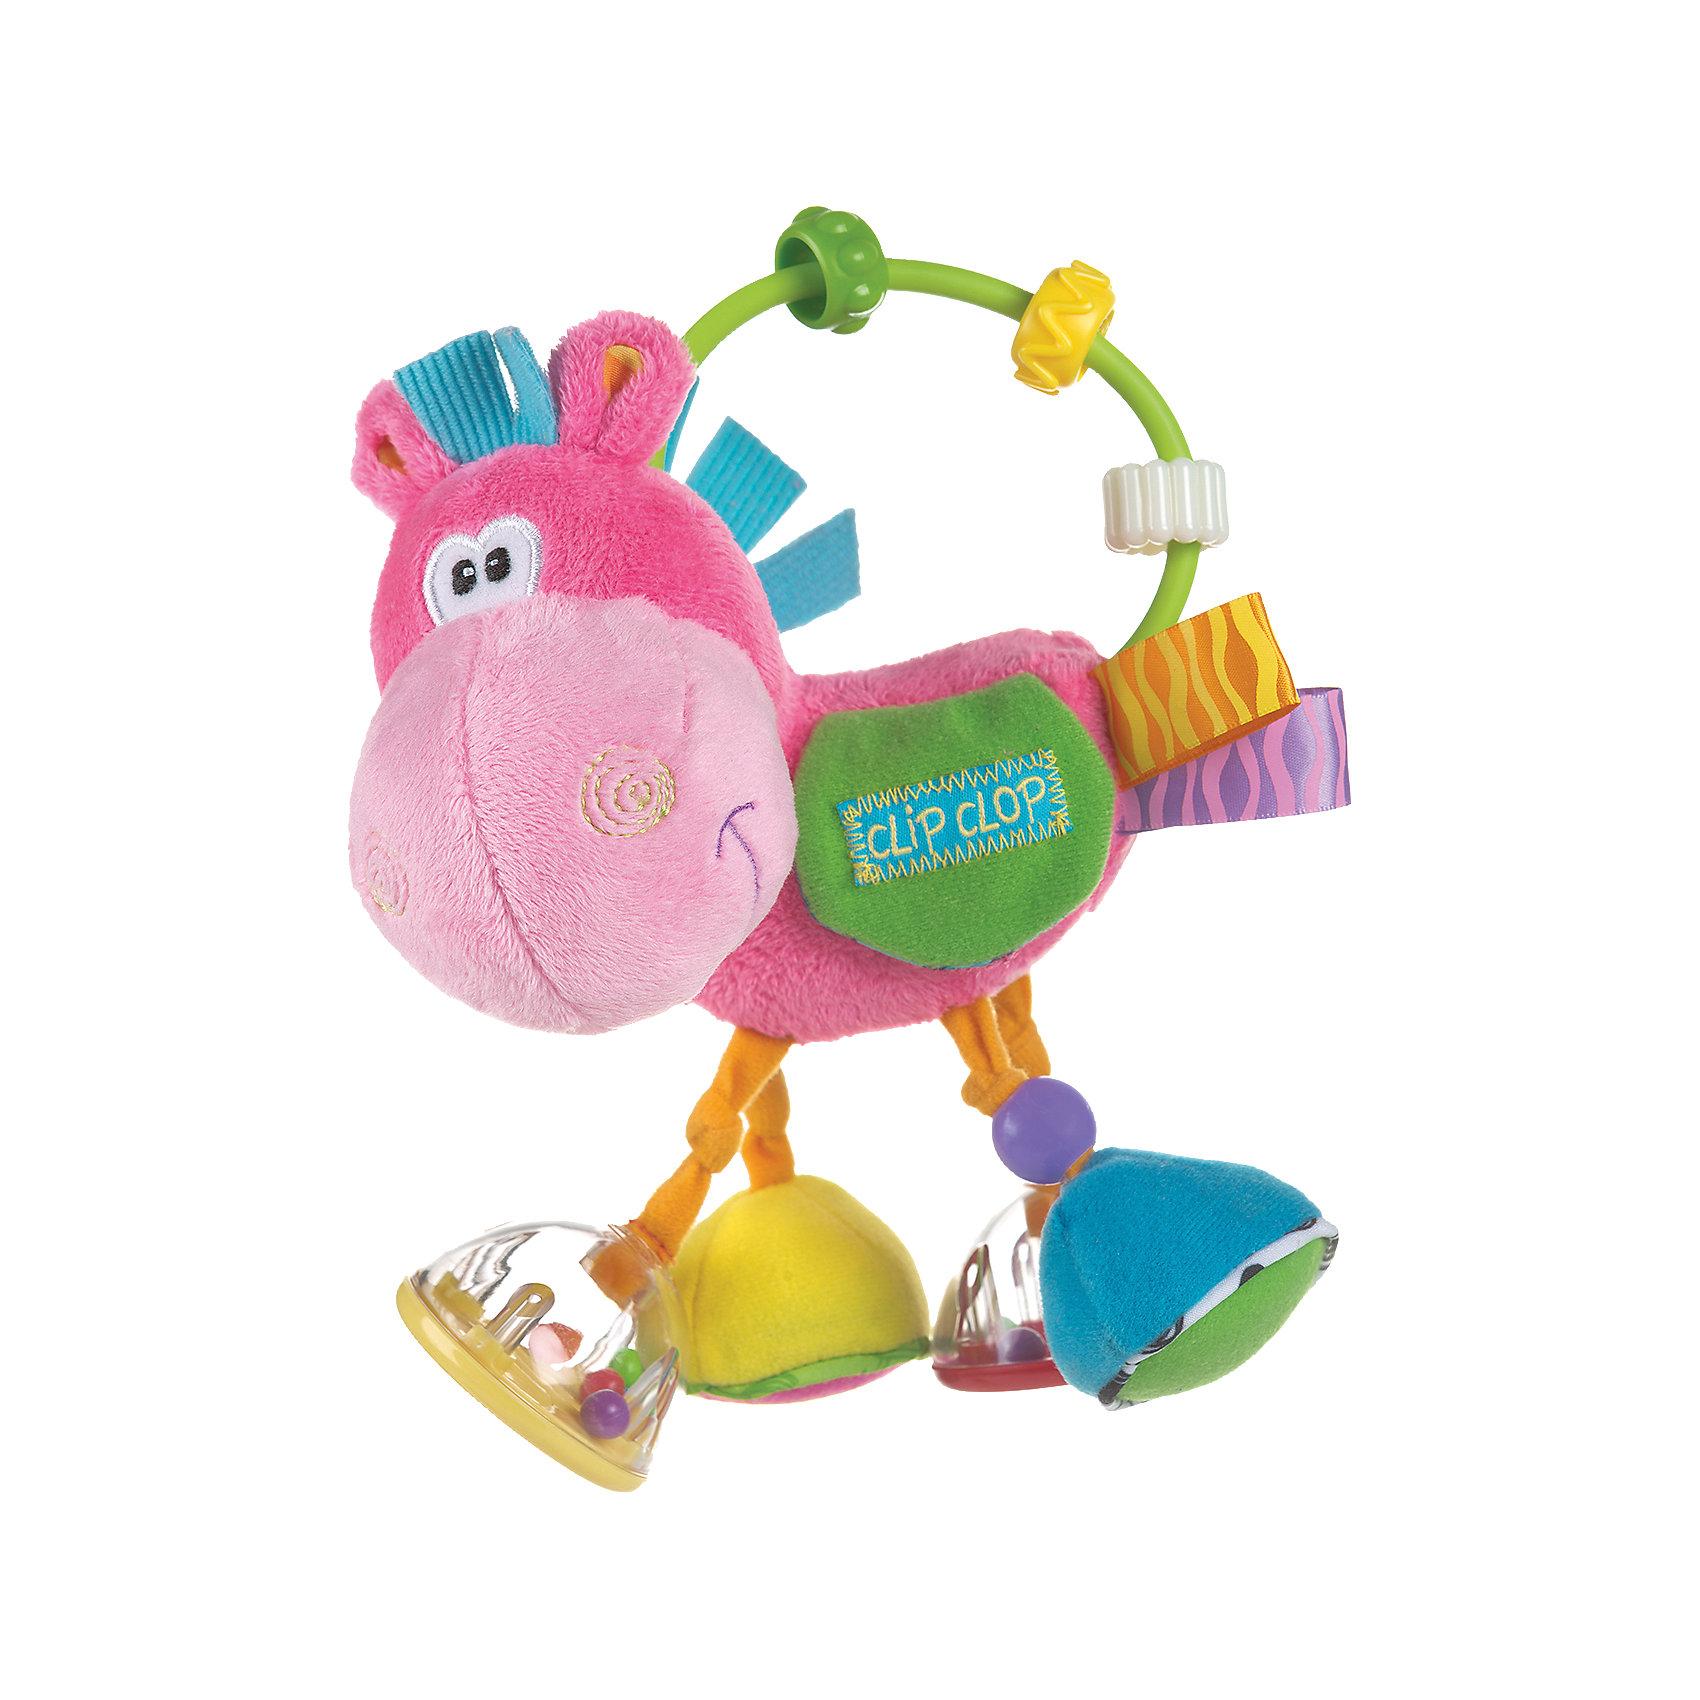 Игрушка-погремушка Ослик Клип Клоп, PlaygroПогремушки<br>Игрушка выполнена из разноцветной хлопчатобумажной ткани разной фактур. Все ножки ослика имеют <br>разнообразные игровые элементы: погремушка с зеркалом, погремушка с рифленым основанием, колокольчик, шуршалка с бусиной. На дугу нанизаны прозрачные бусинки, которые можно передвигать из стороны в сторону. Как только малыш откроет кармашек на липучке, ему откроется улыбающаяся мордочка бегемотика.                                                                                      Каждая ножка ослика – уникальный игровой элемент:<br>– погремушка с зеркалом<br>– погремушка с рифленым основанием<br>– колокольчик<br>– шуршалка с бусинкой<br>На дугу нанизаны прозрачные бусинки, которые можно передвигать. Сюрприз ждет малыша в кармашке на липучке – ему откроется улыбающаяся мордочка бегемотика. Игрушка выполнена из ярких, приятных на ощупь тканей разных фактур.<br>Игрушка способствует развитию визуального и слухового восприятия, навыков мелкой моторики,<br>двигательной активности, стимулирует тактильные ощущения, развивает пальчики и ручки малыша, хватательный рефлекс.<br><br>Ширина мм: 192<br>Глубина мм: 180<br>Высота мм: 91<br>Вес г: 139<br>Возраст от месяцев: 3<br>Возраст до месяцев: 12<br>Пол: Женский<br>Возраст: Детский<br>SKU: 3803414